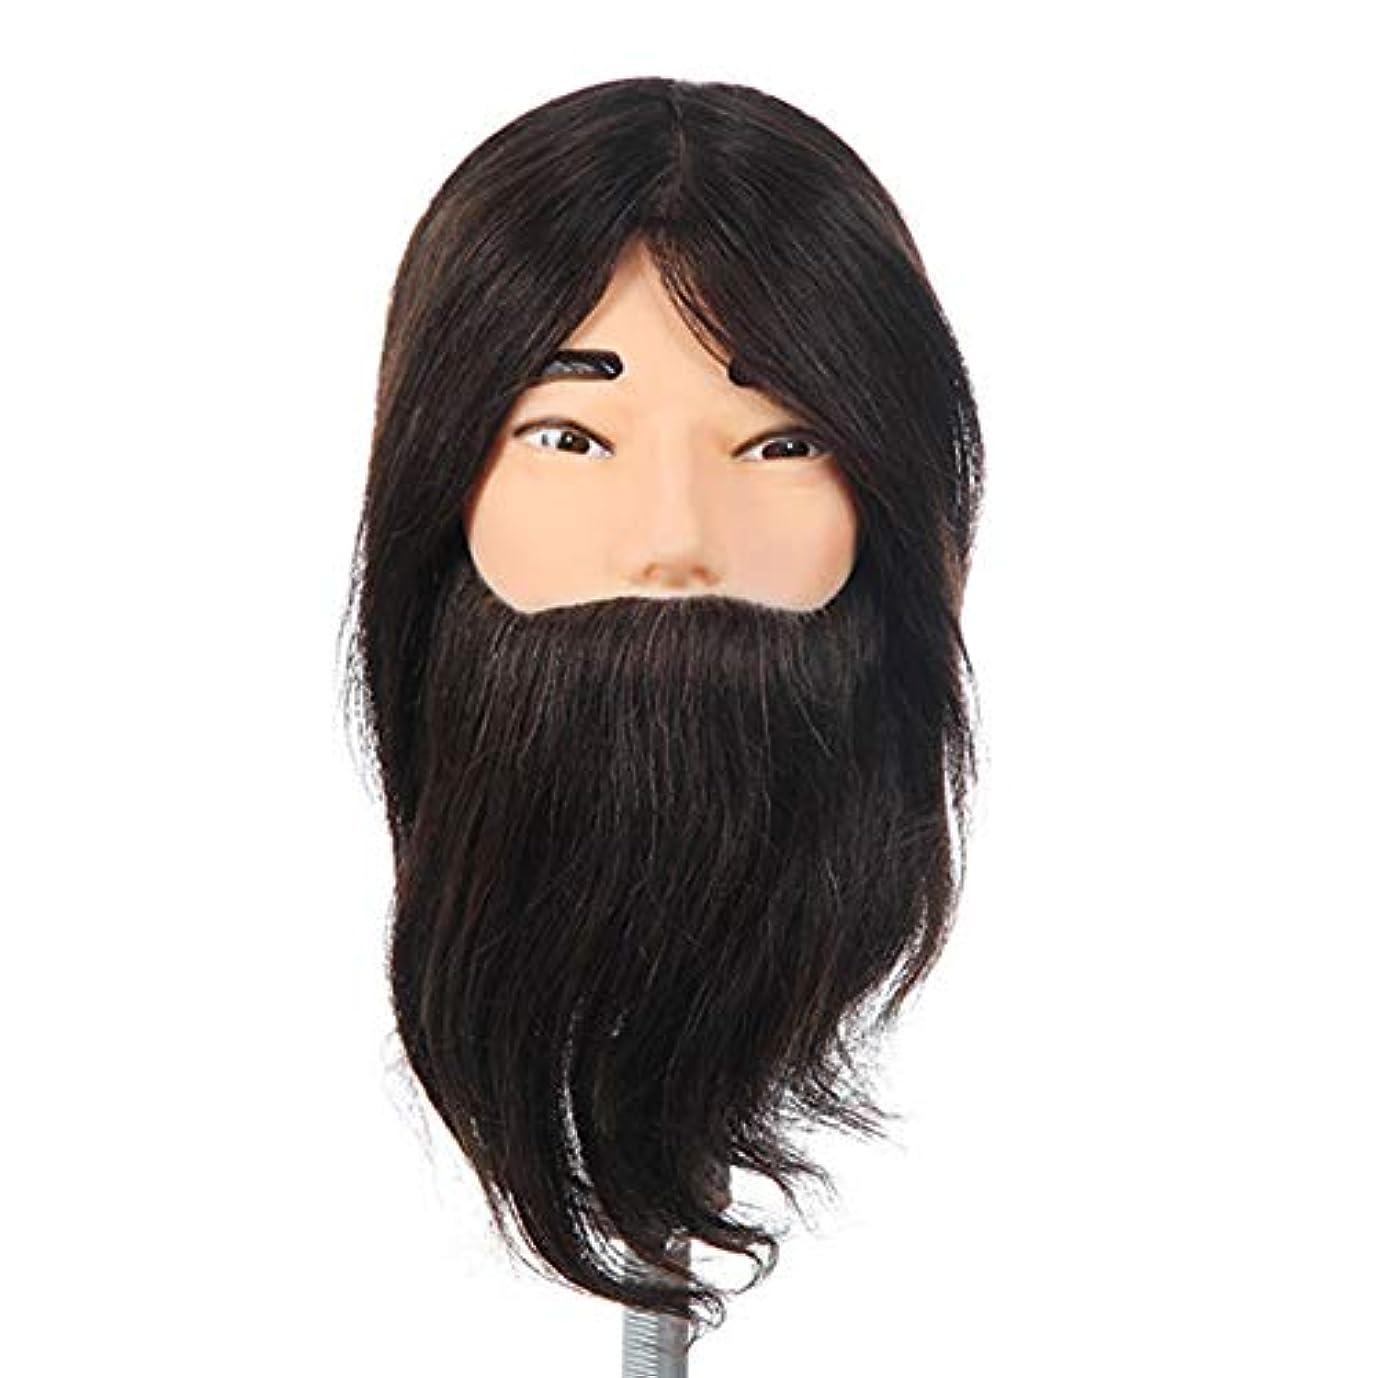 議題ゴージャス一族男性の本物の髪ショートヘアダミーヘッド理髪店トリミングひげヘアカットの練習マネキン理髪学校専用のトレーニングヘッド